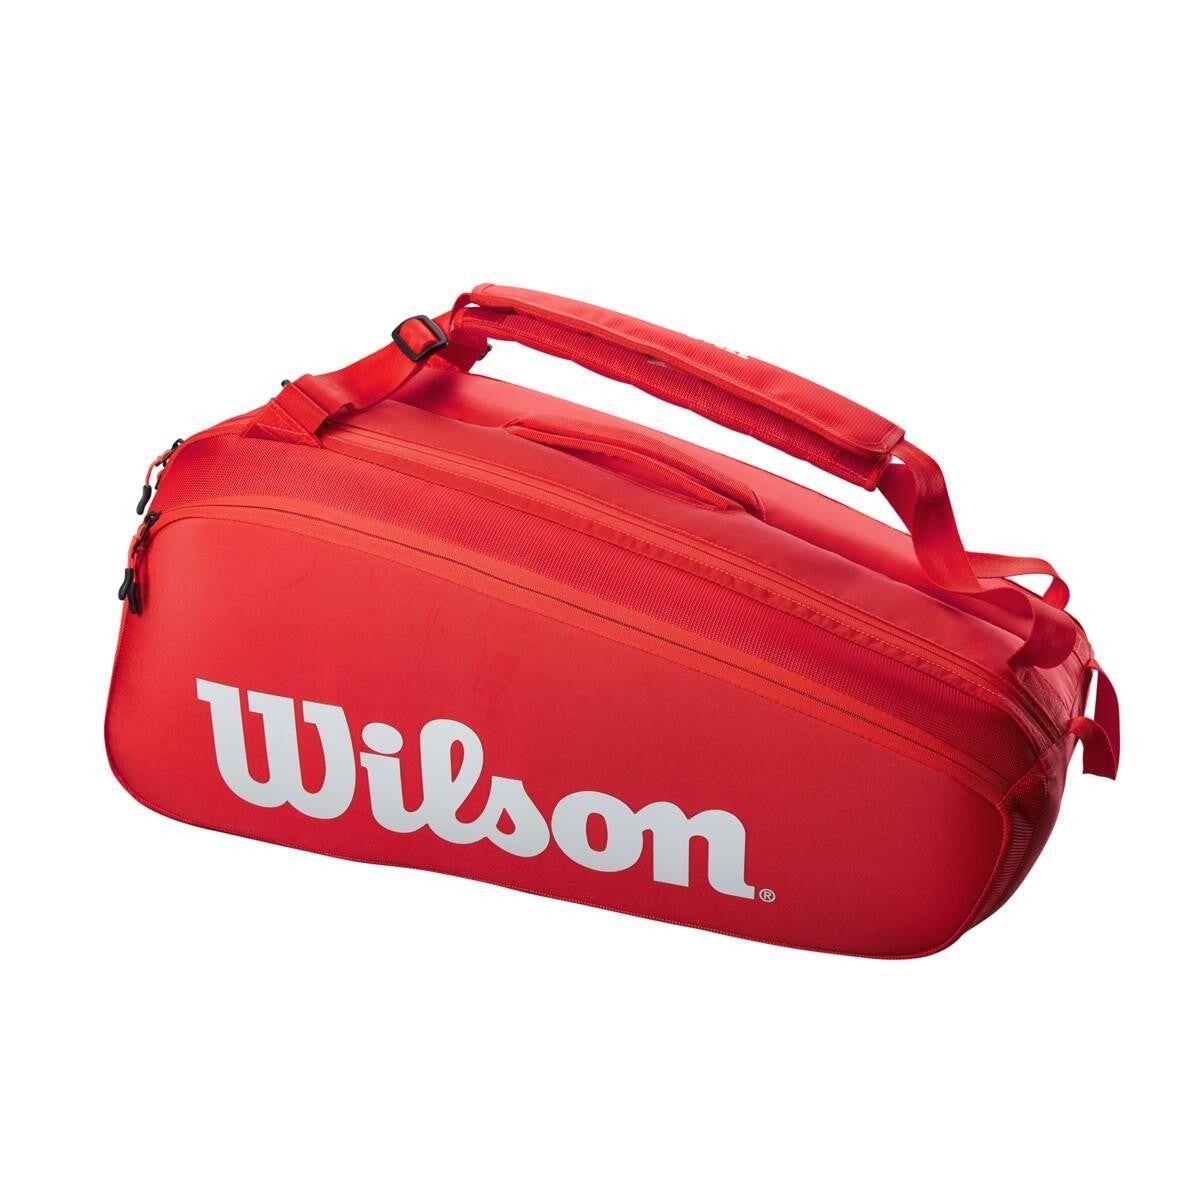 Raqueteira Wilson Super Tour Vermelha X9